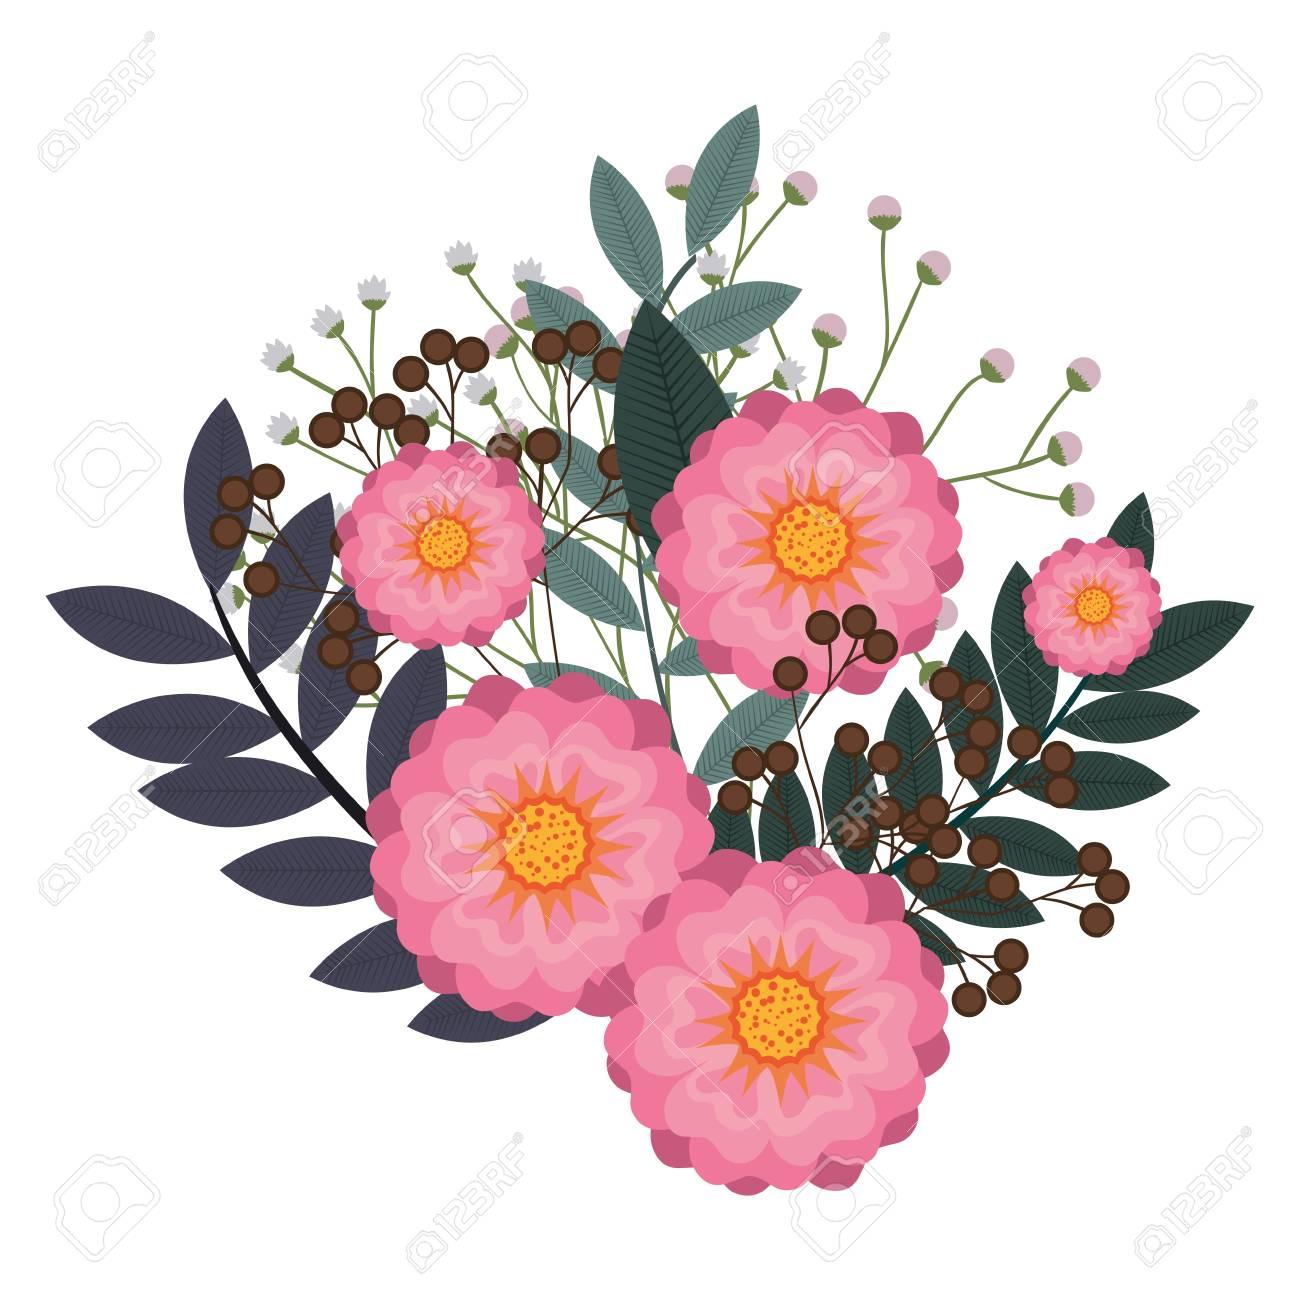 Rosa Flores Naturales Y Hermosas Flores Con Hojas Verdes